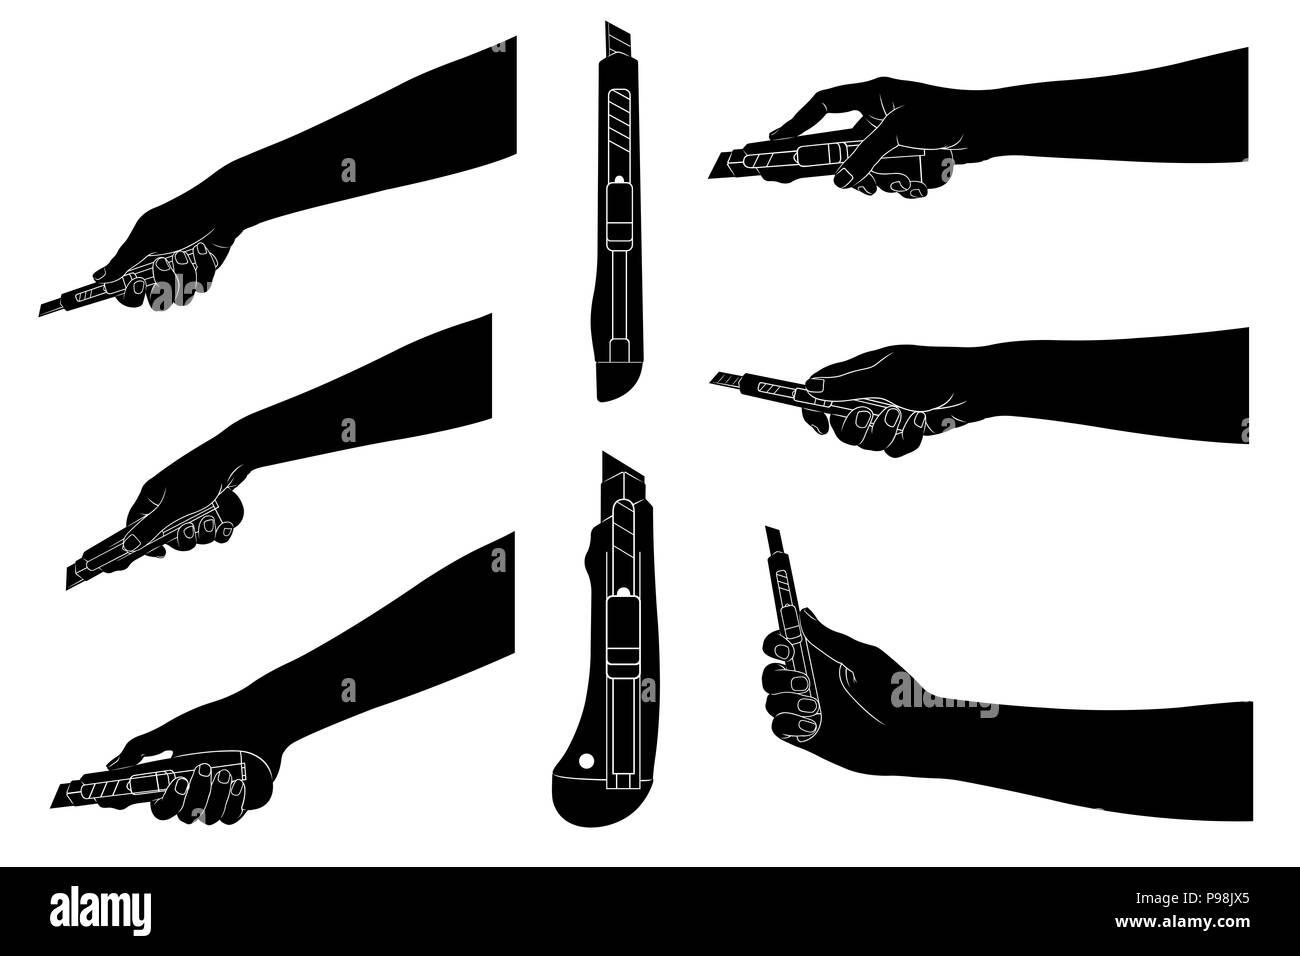 Hand Holding Razor Blade On Imágenes De Stock   Hand Holding Razor ... 1bc58cf8bbb1